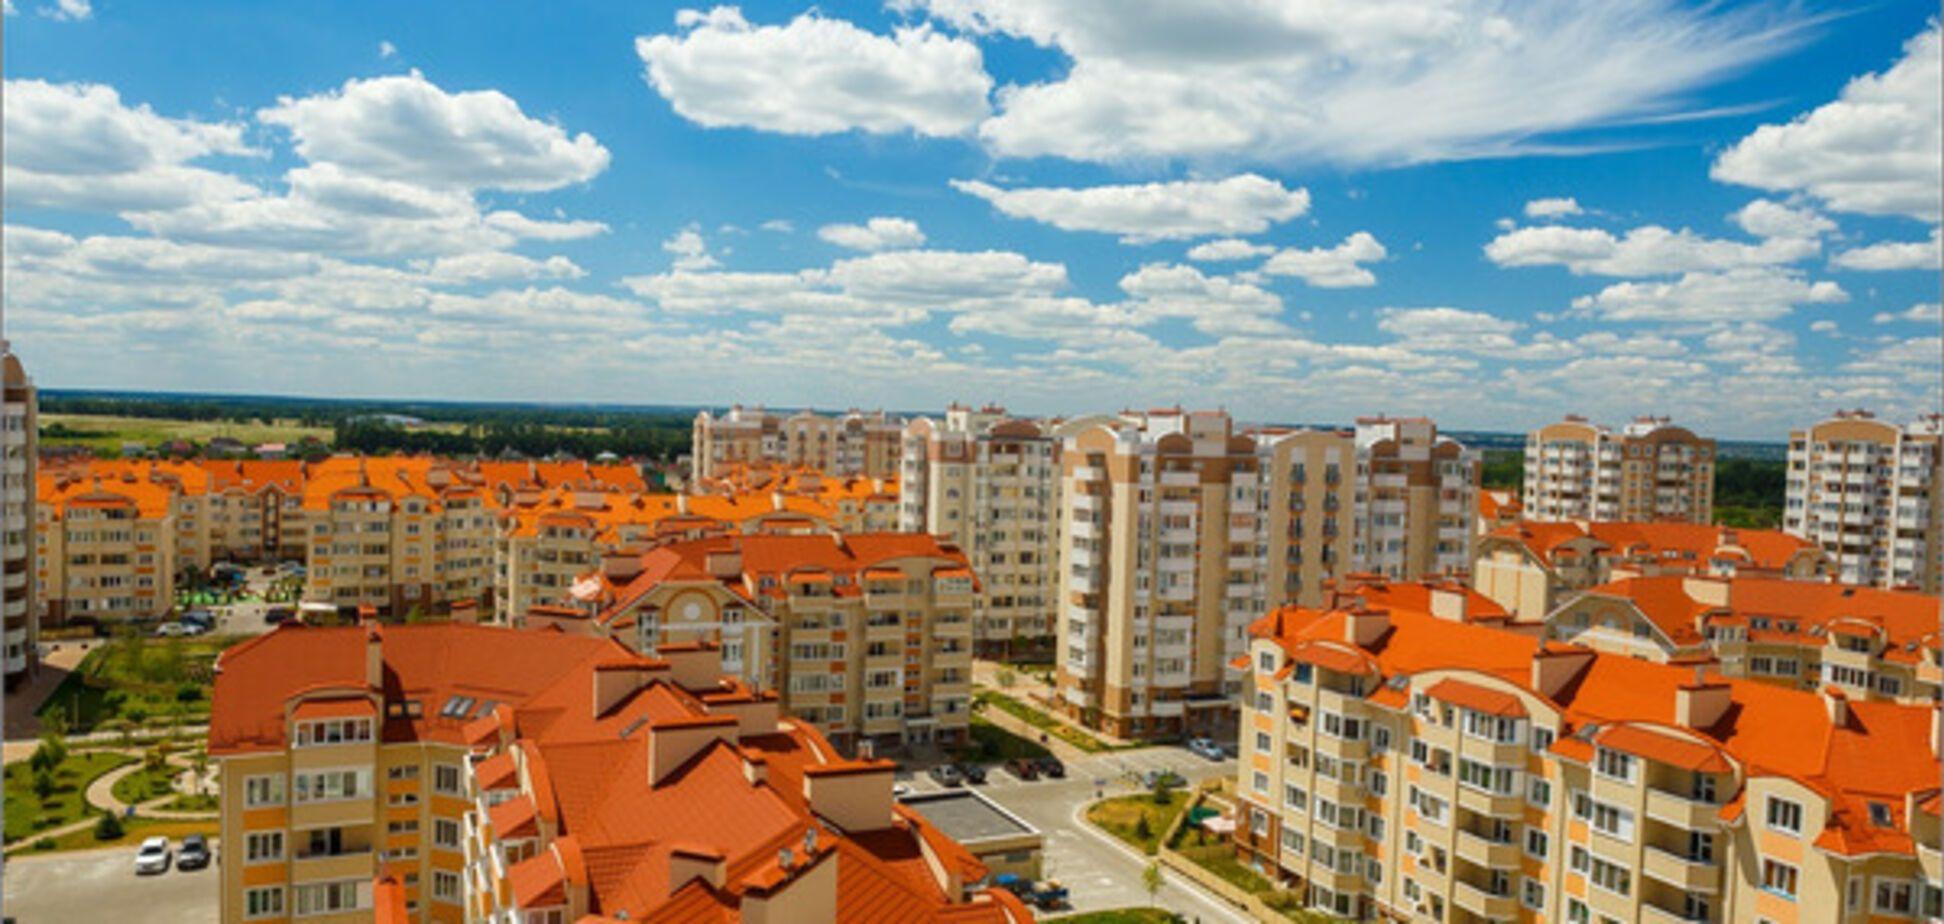 Назван наиболее масштабный жилой комплекс Украины